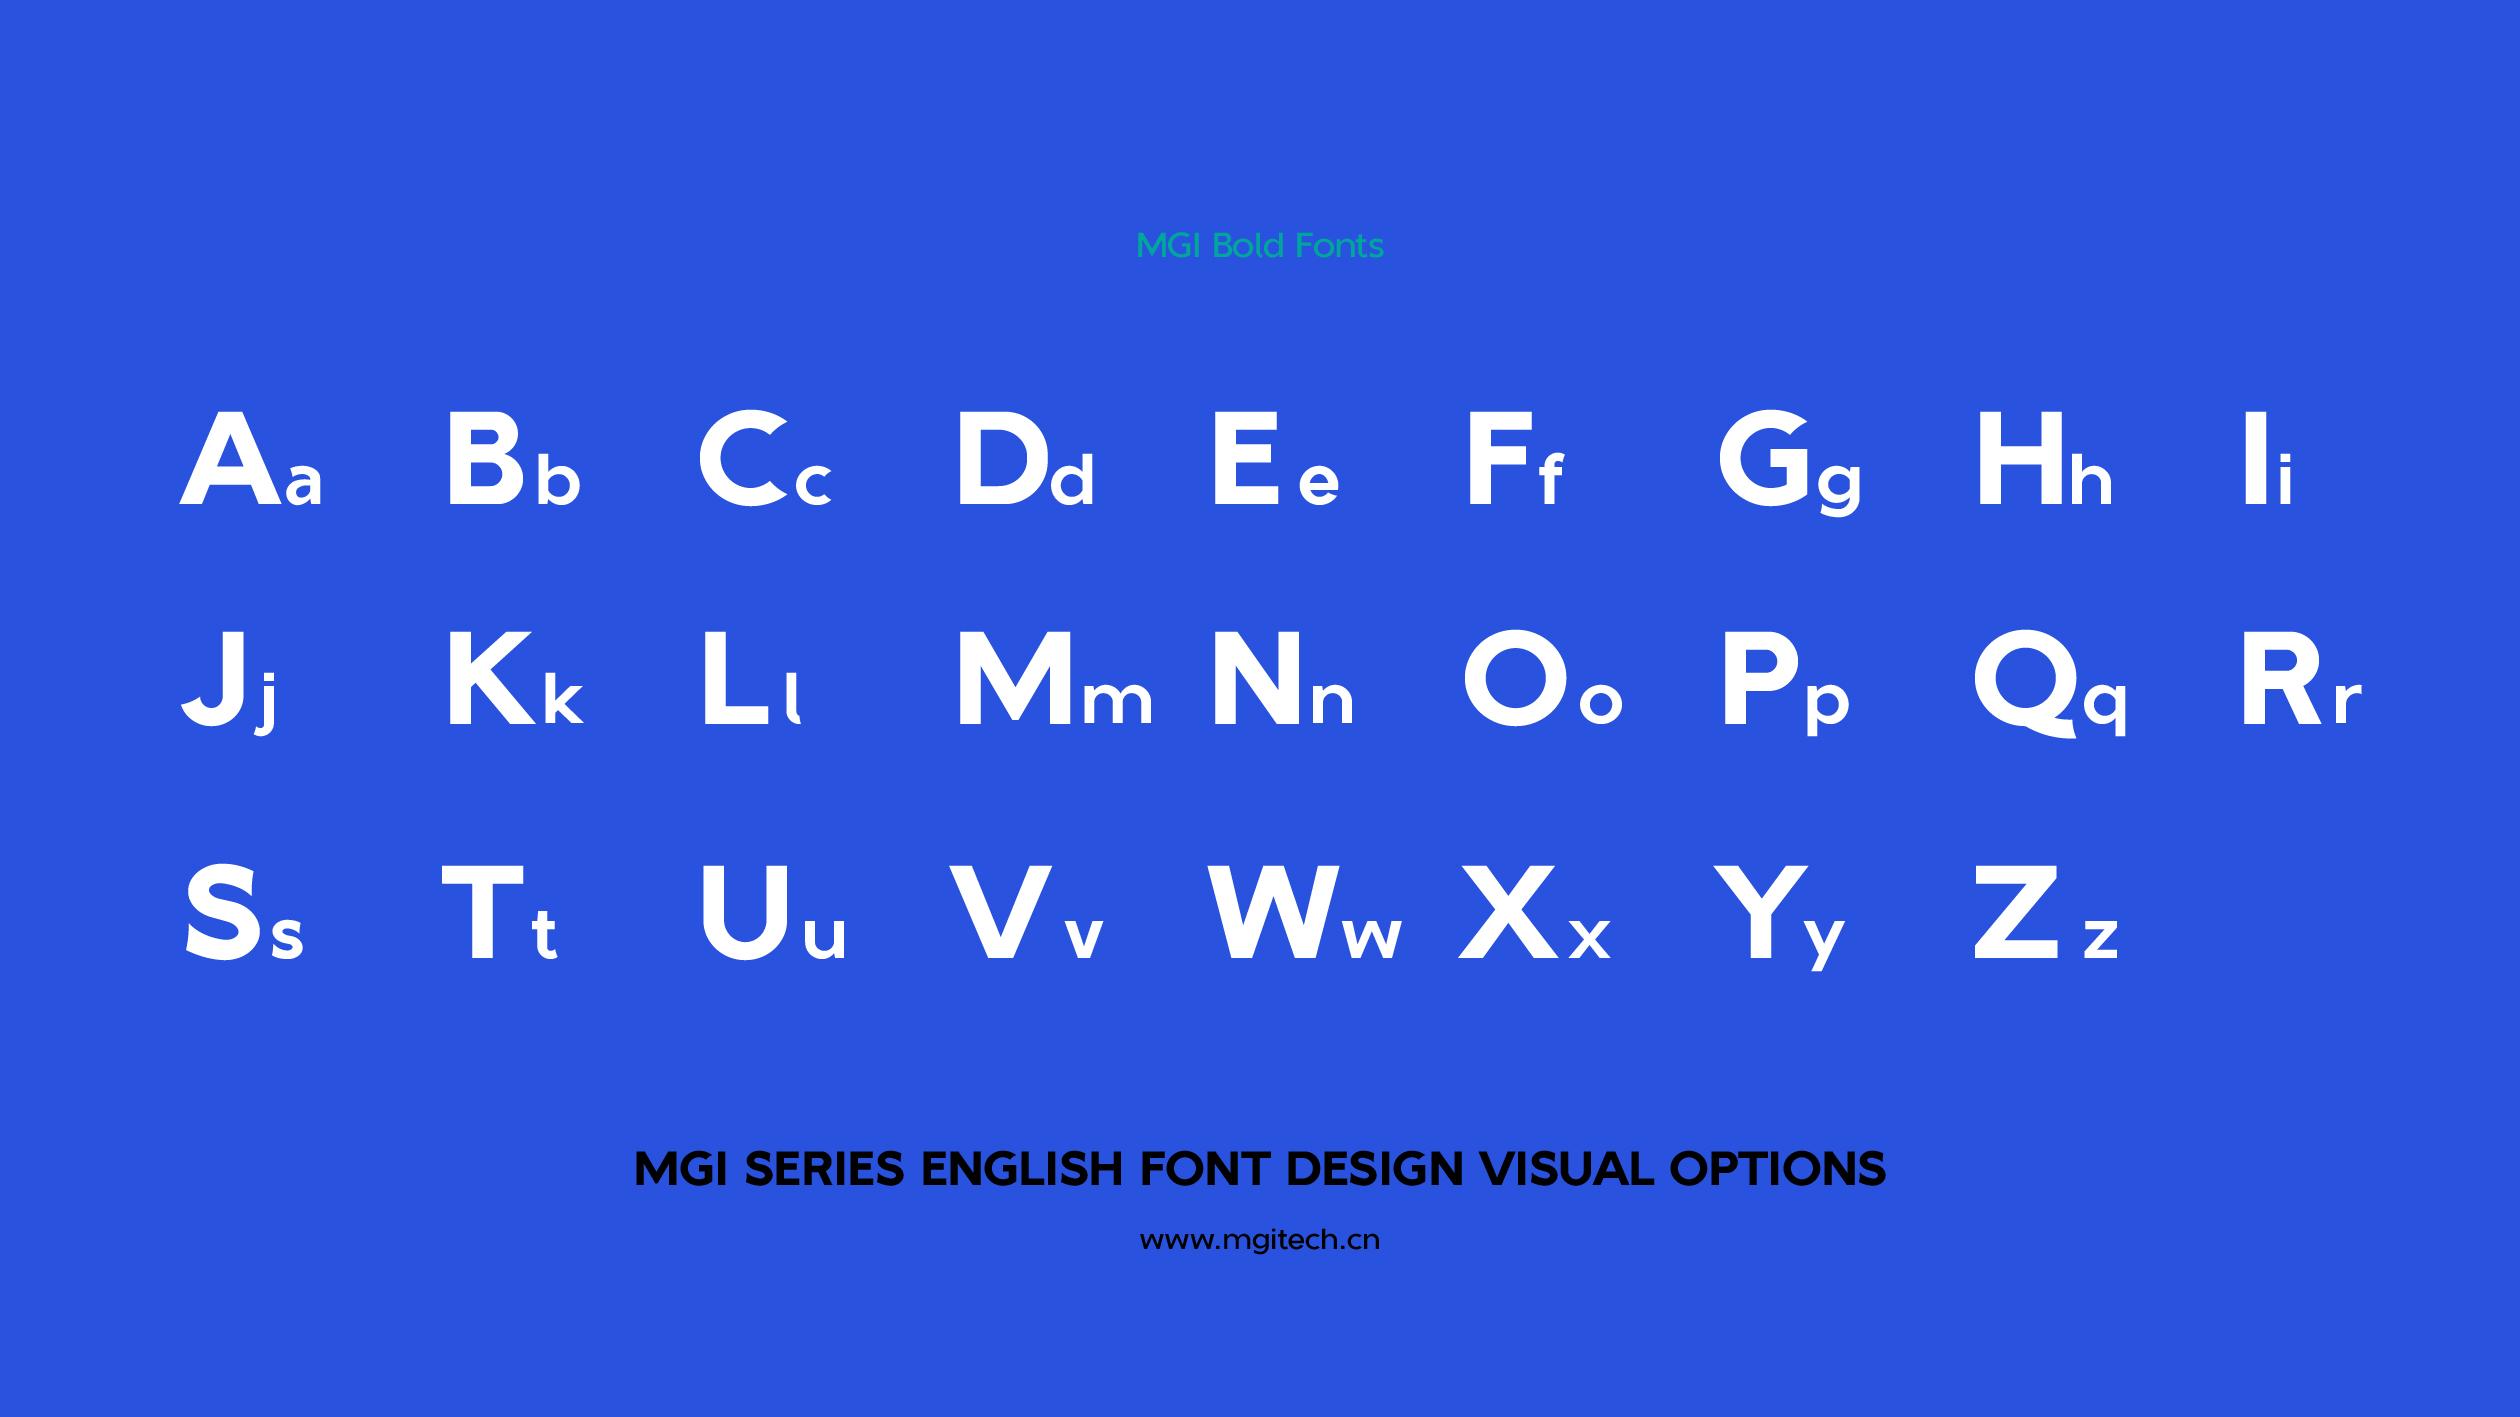 MGI English Series Font Customization-Crazy Pencil Tip